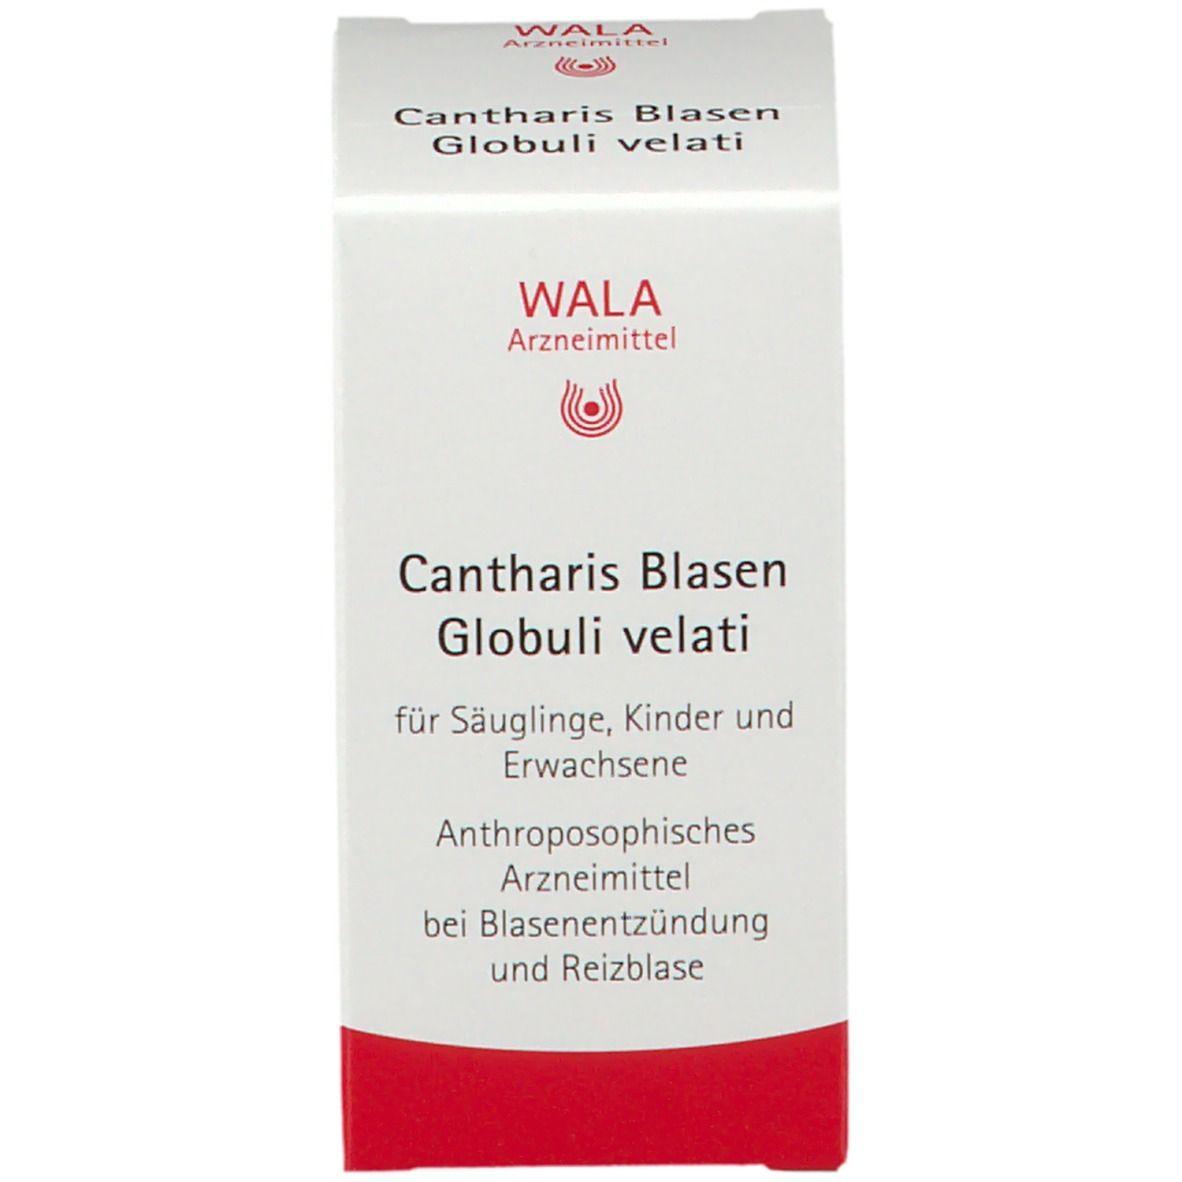 WALA® Cantharis Blasen Globuli velati